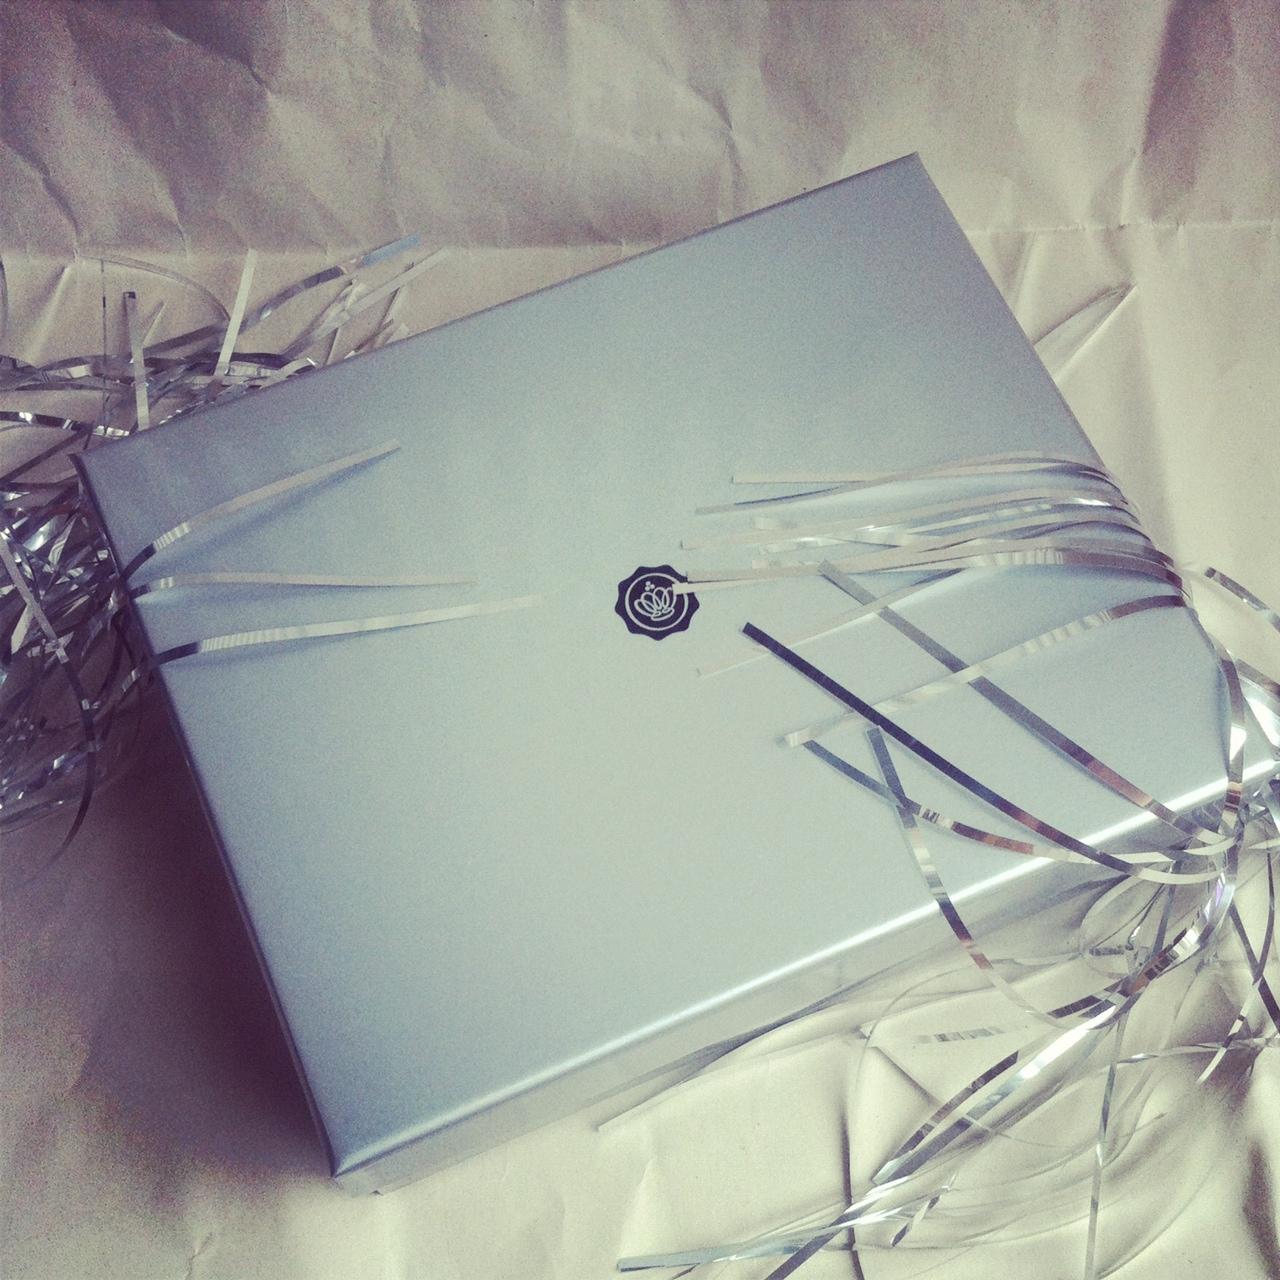 Sternchen, Glamour & Sich-Selbst-Was-Schenken // Die Glossybox Bejeweled-Edtion Dezember 2012